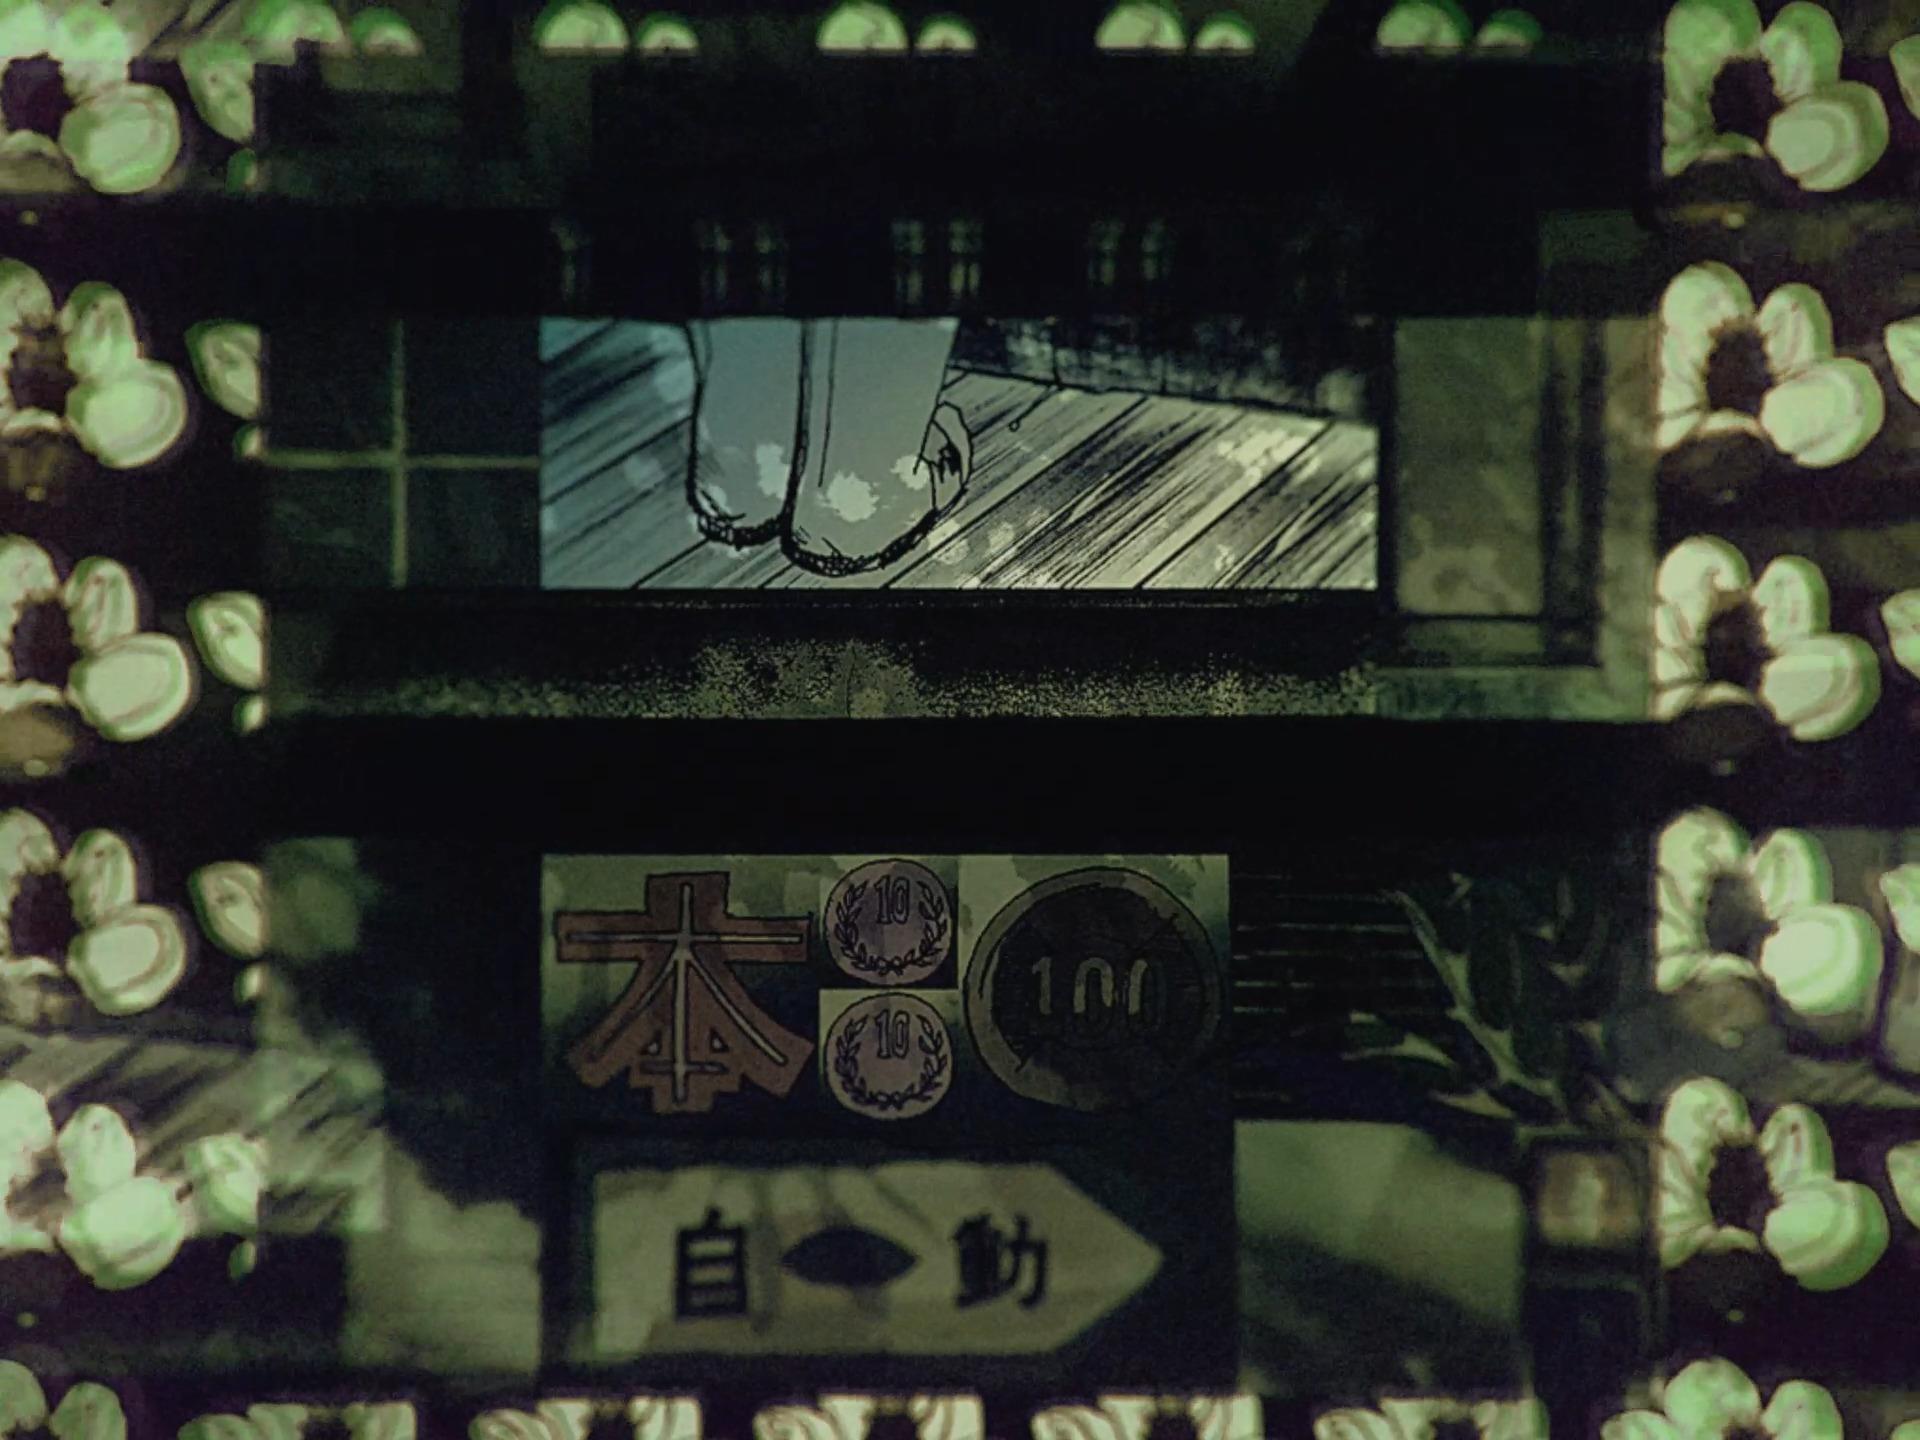 石ノ森けんぢろう「まるめろ」 MV(モーショングラフィックス)